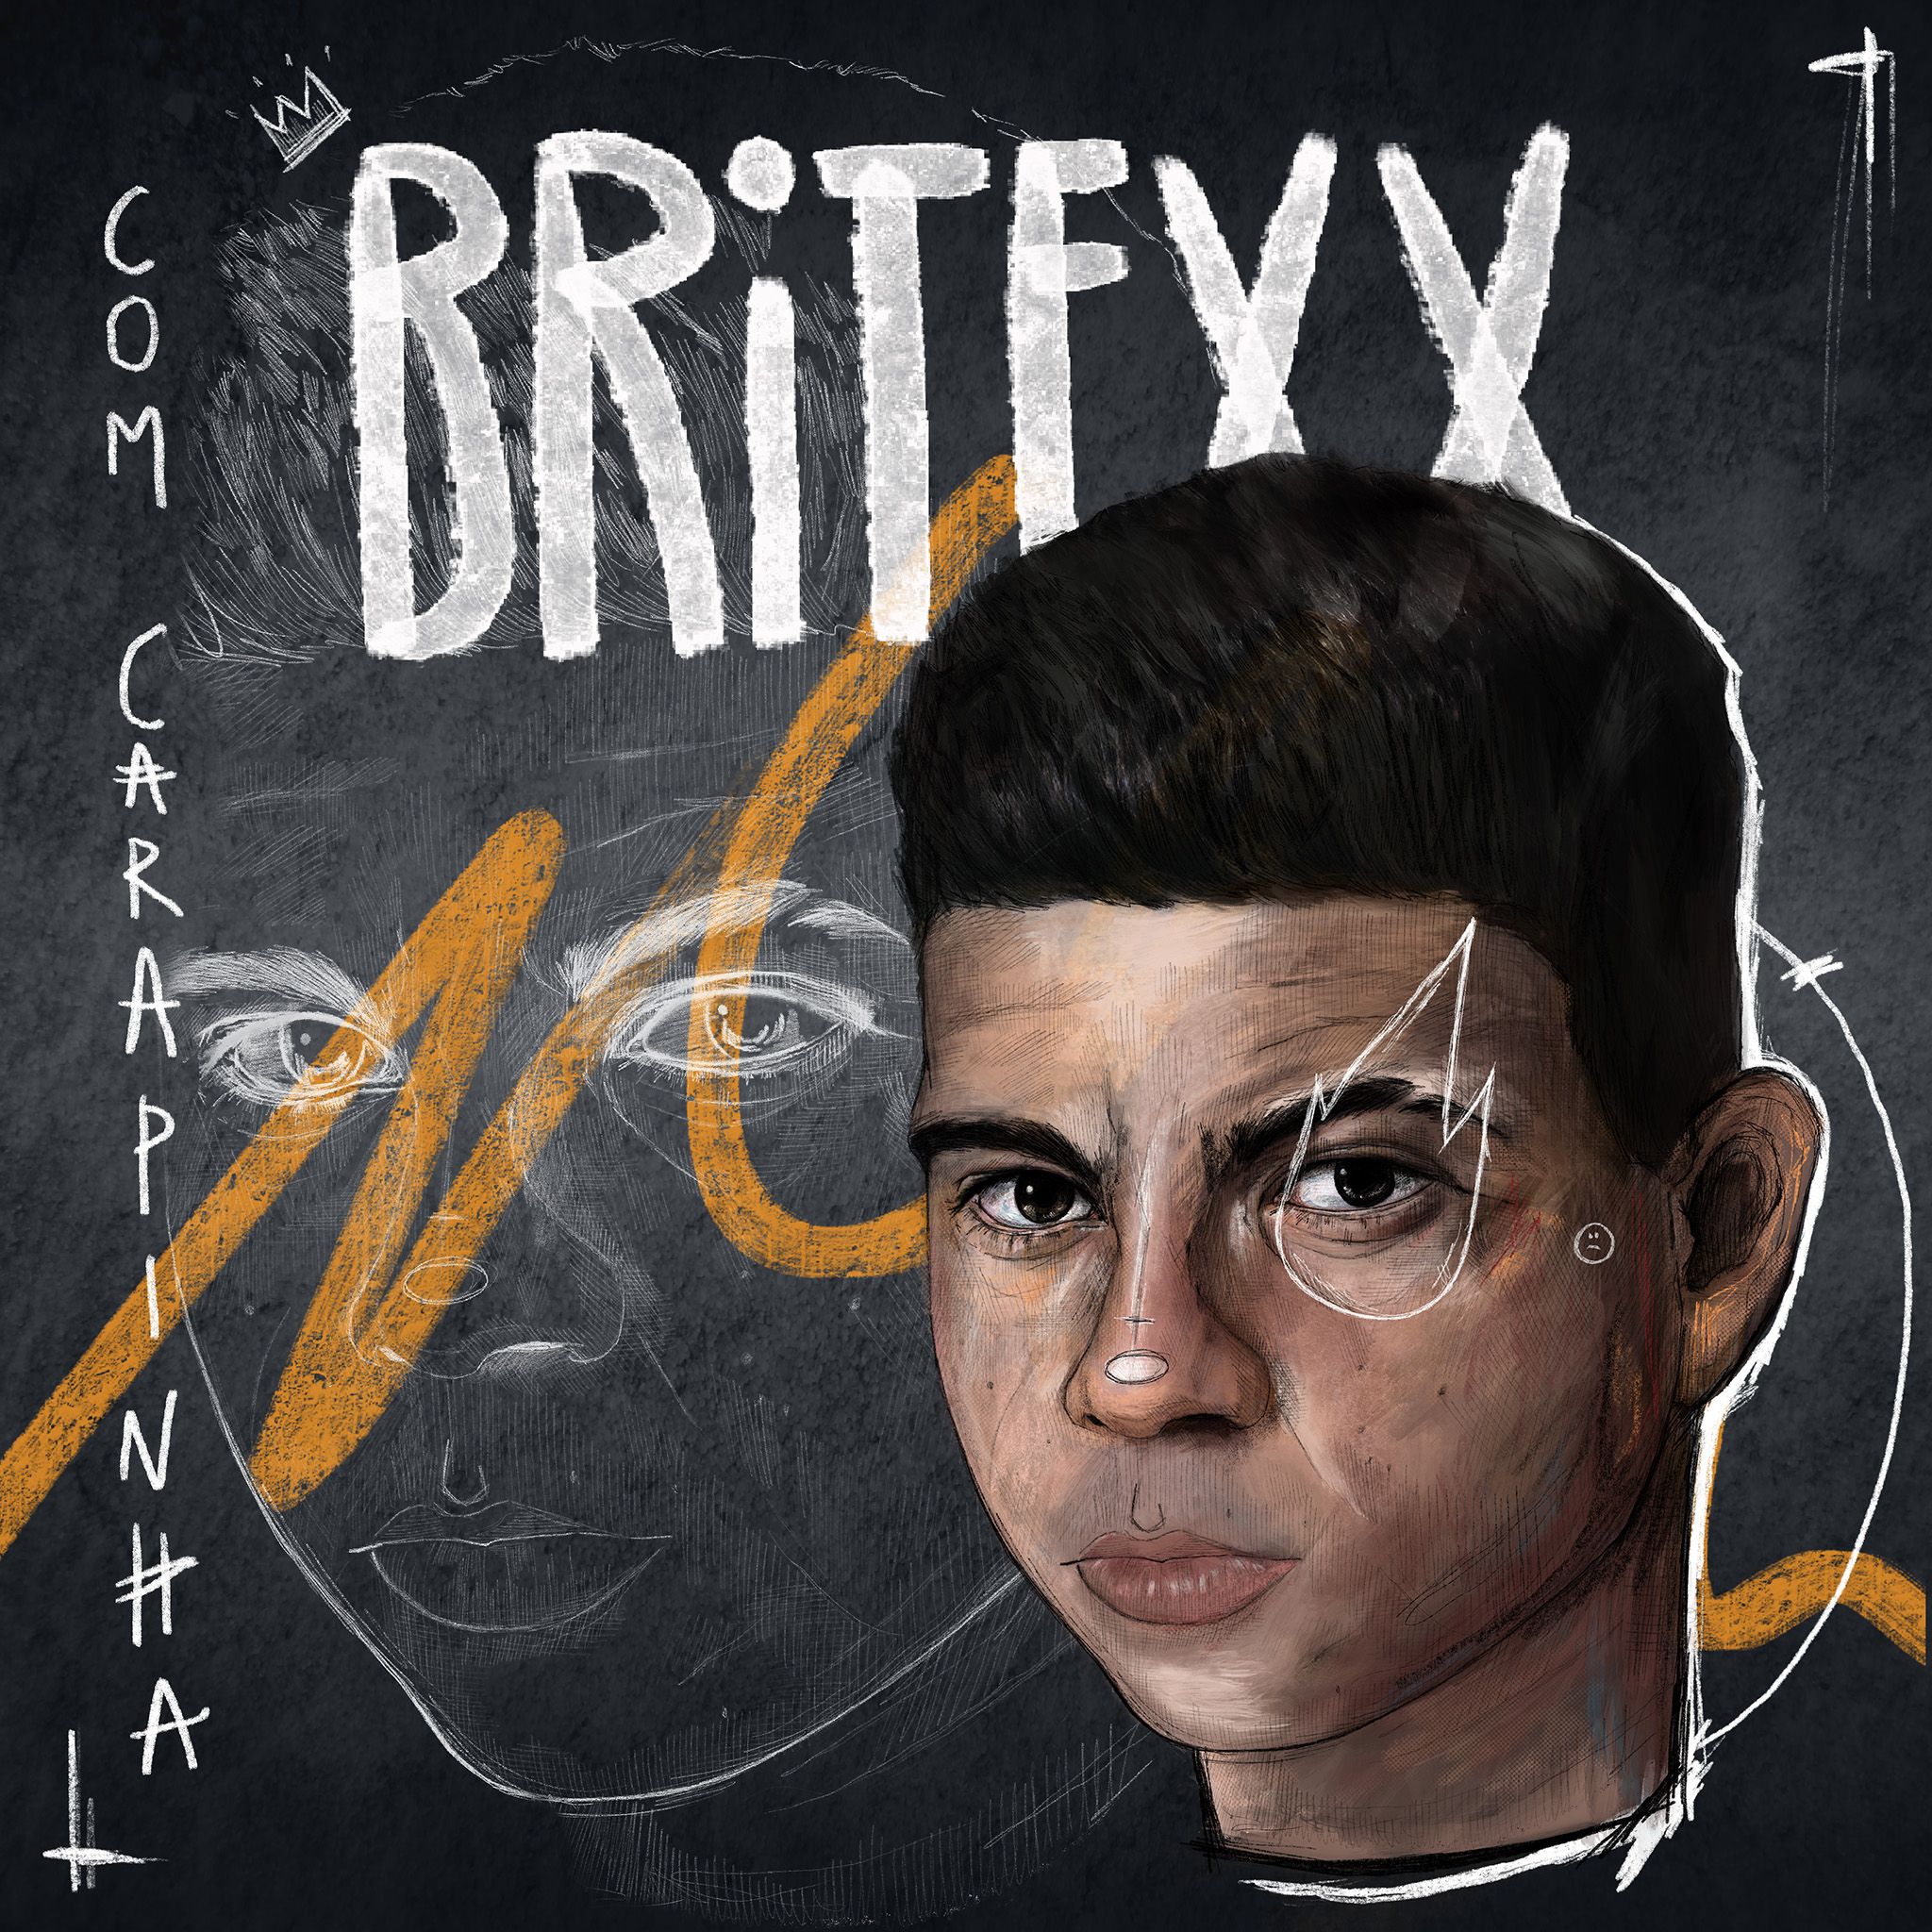 Britexx - Com Carapinha